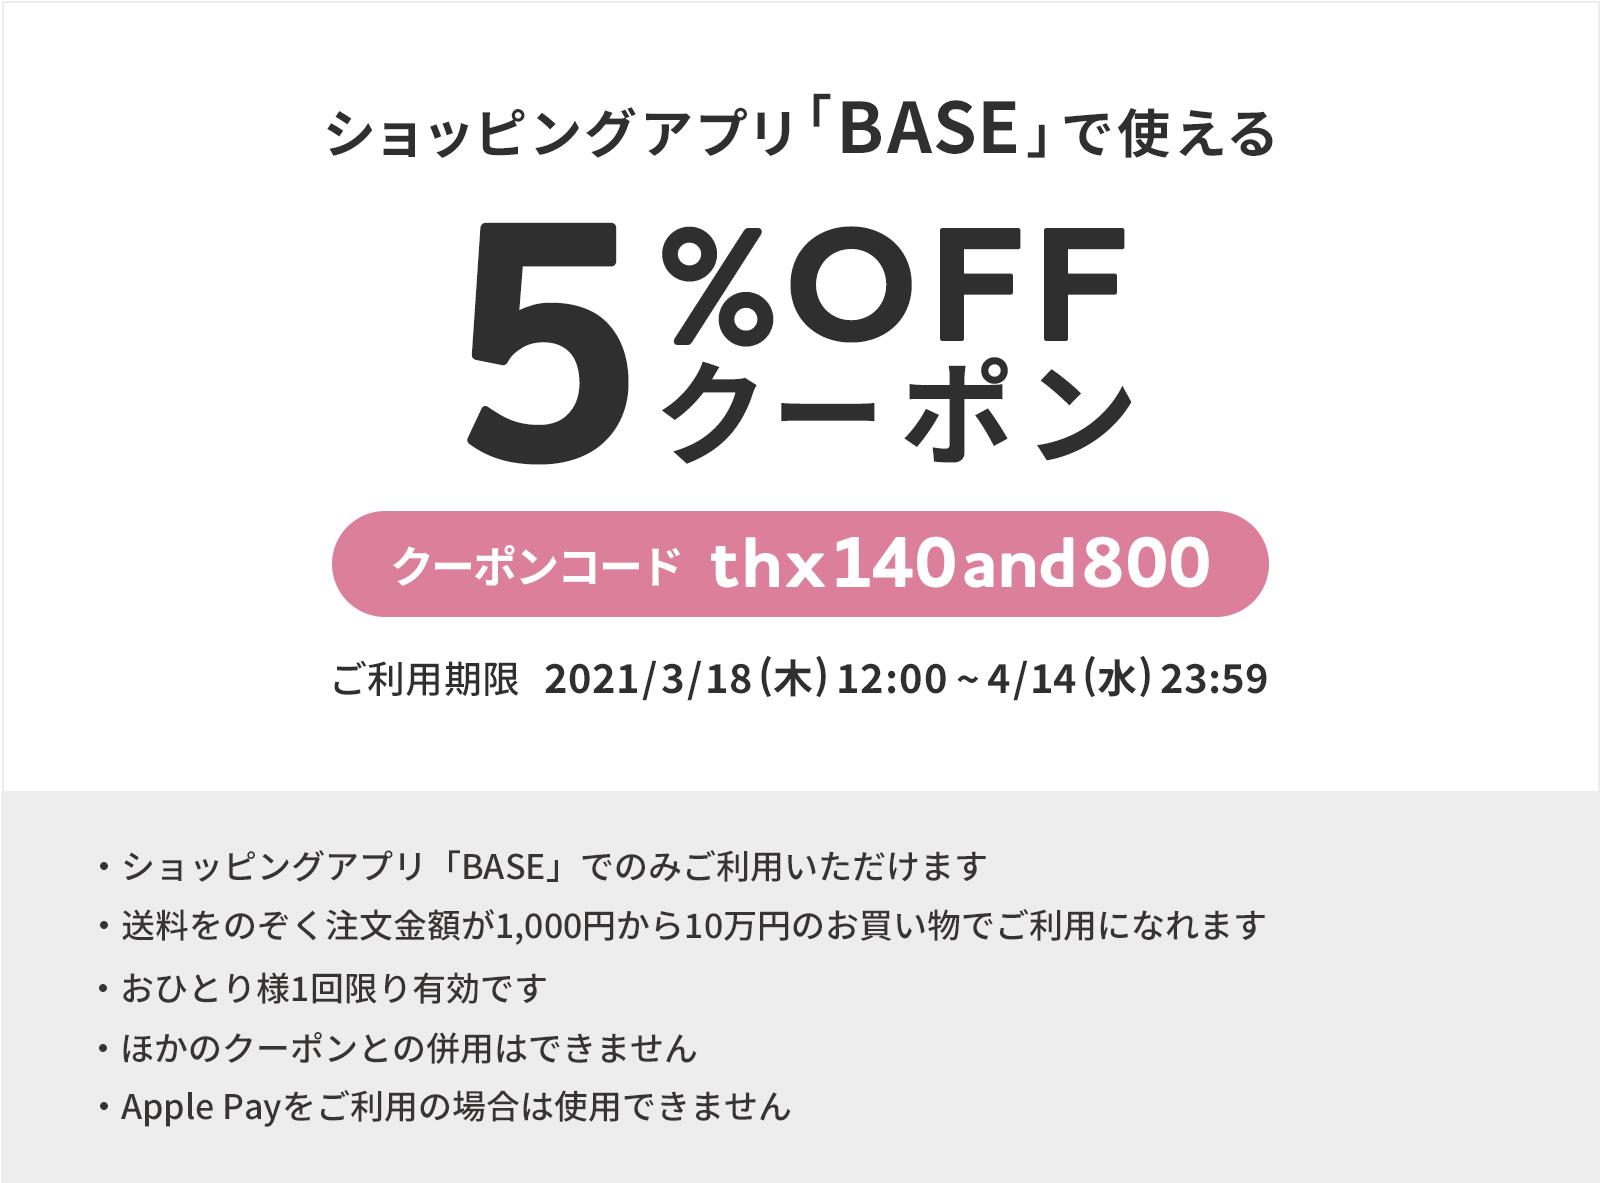 BASEショッピングアプリで使える5%OFFクーポン4/14まで実施中です